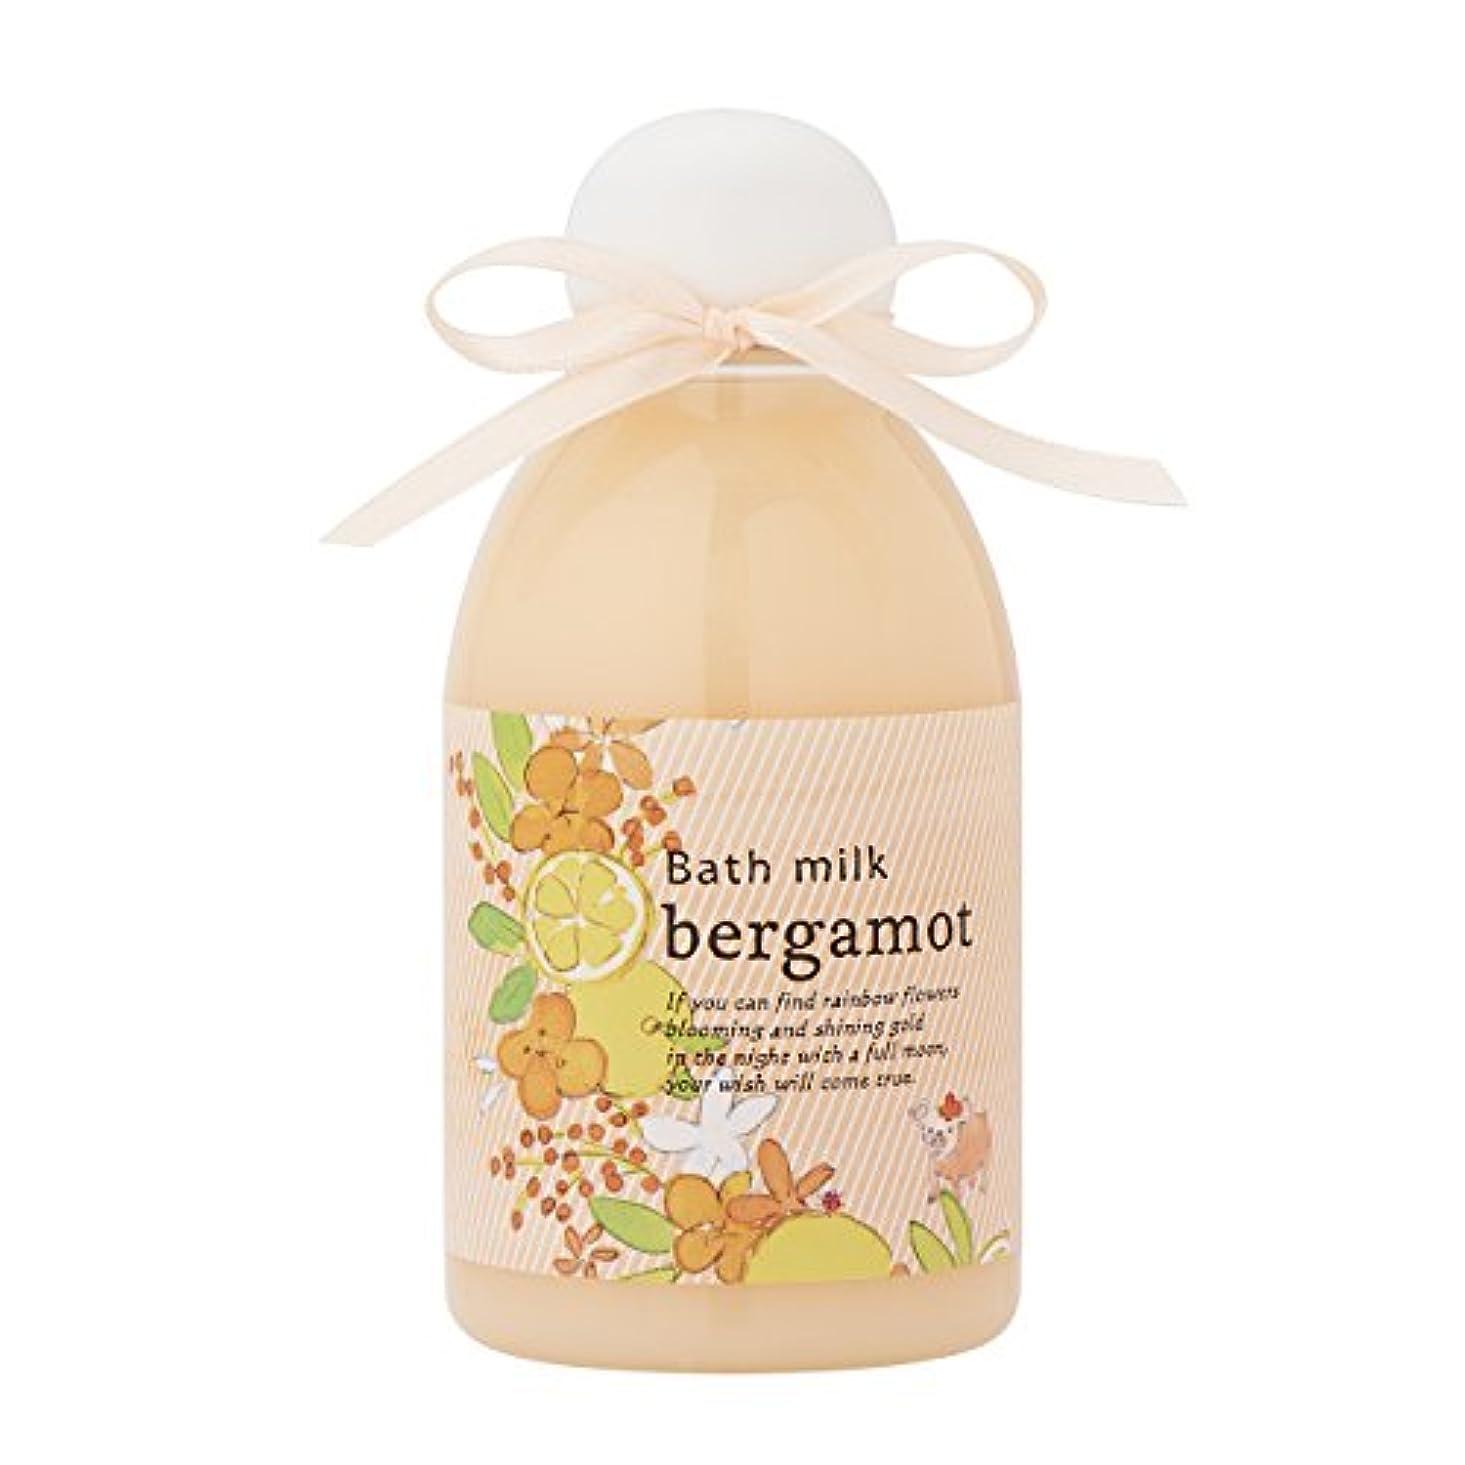 メジャー呼ぶ告白するサンハーブ バスミルク ベルガモット 200ml(バブルバスタイプ入浴料 泡風呂 懐かしい甘酸っぱい香り)